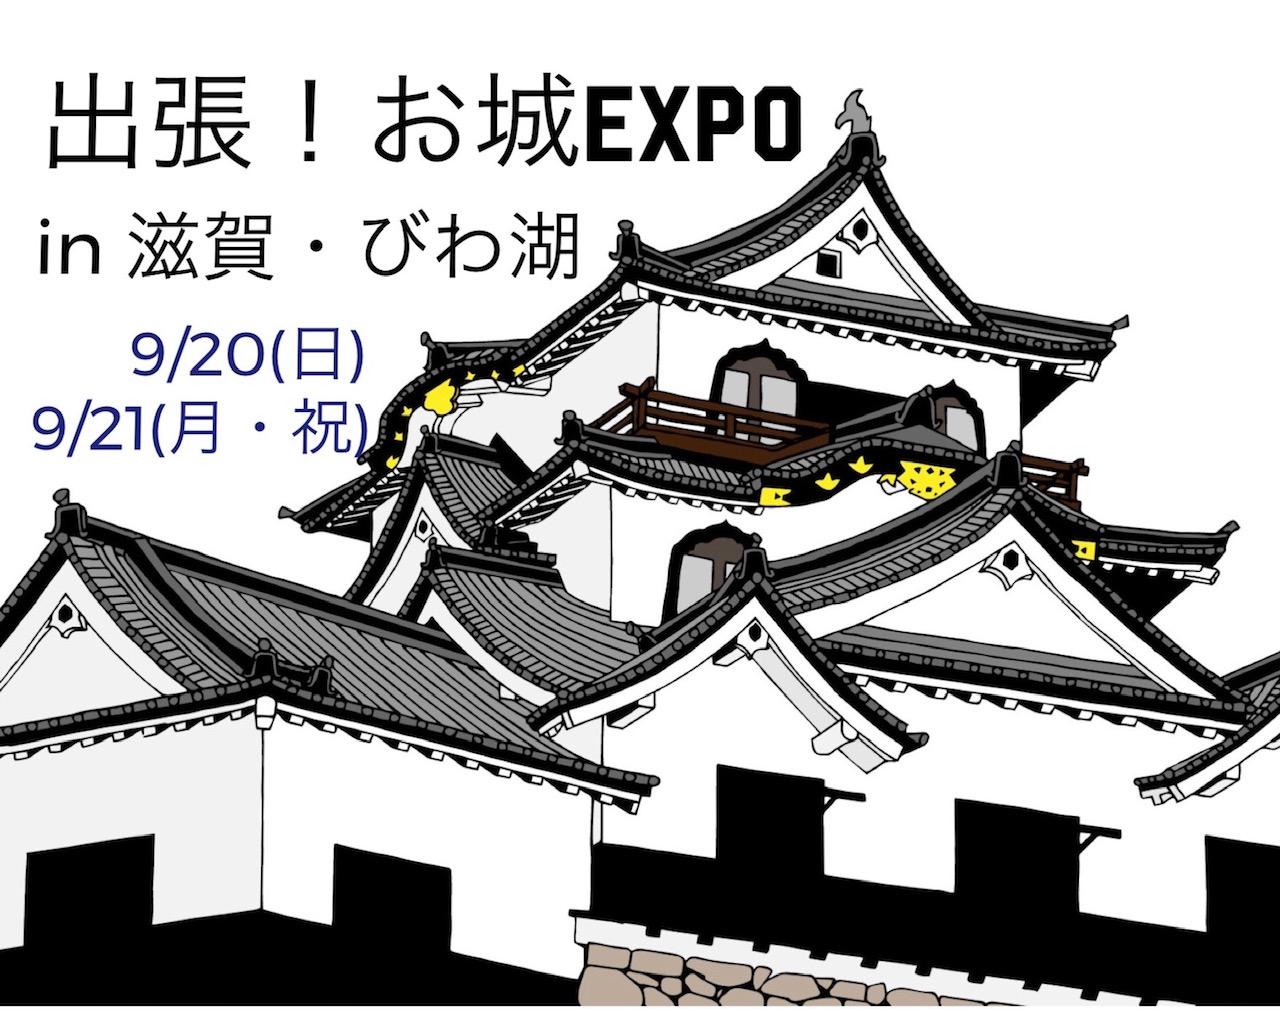 「出張!お城EXPO in滋賀・びわ湖」滋賀県初!日本最大級のお城のイベントが大津で開催!【9/20、21】